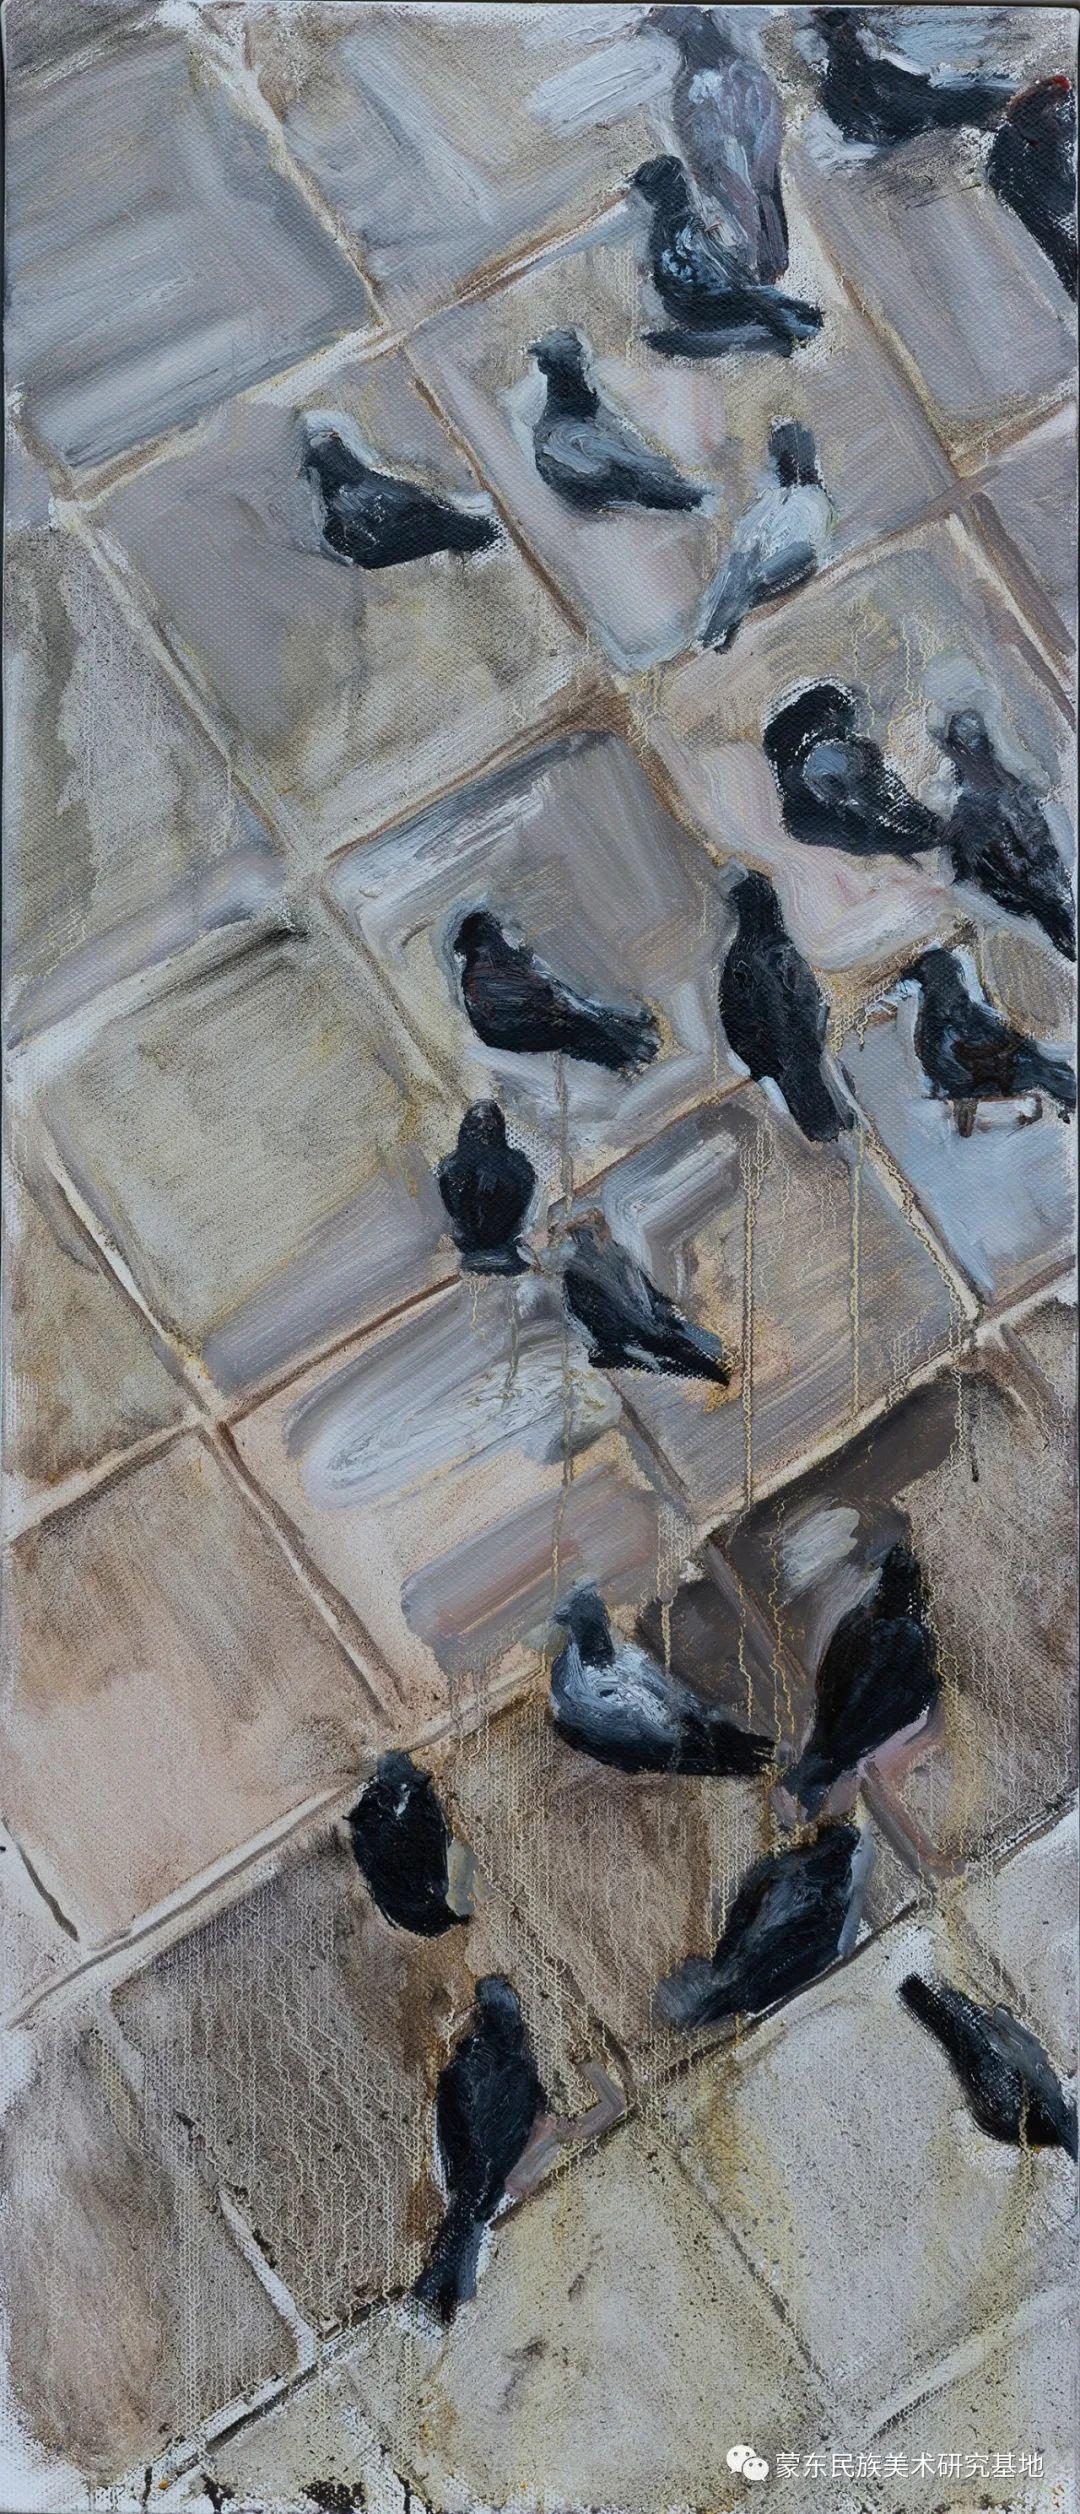 科尔沁首届油画展作品集 第25张 科尔沁首届油画展作品集 蒙古画廊